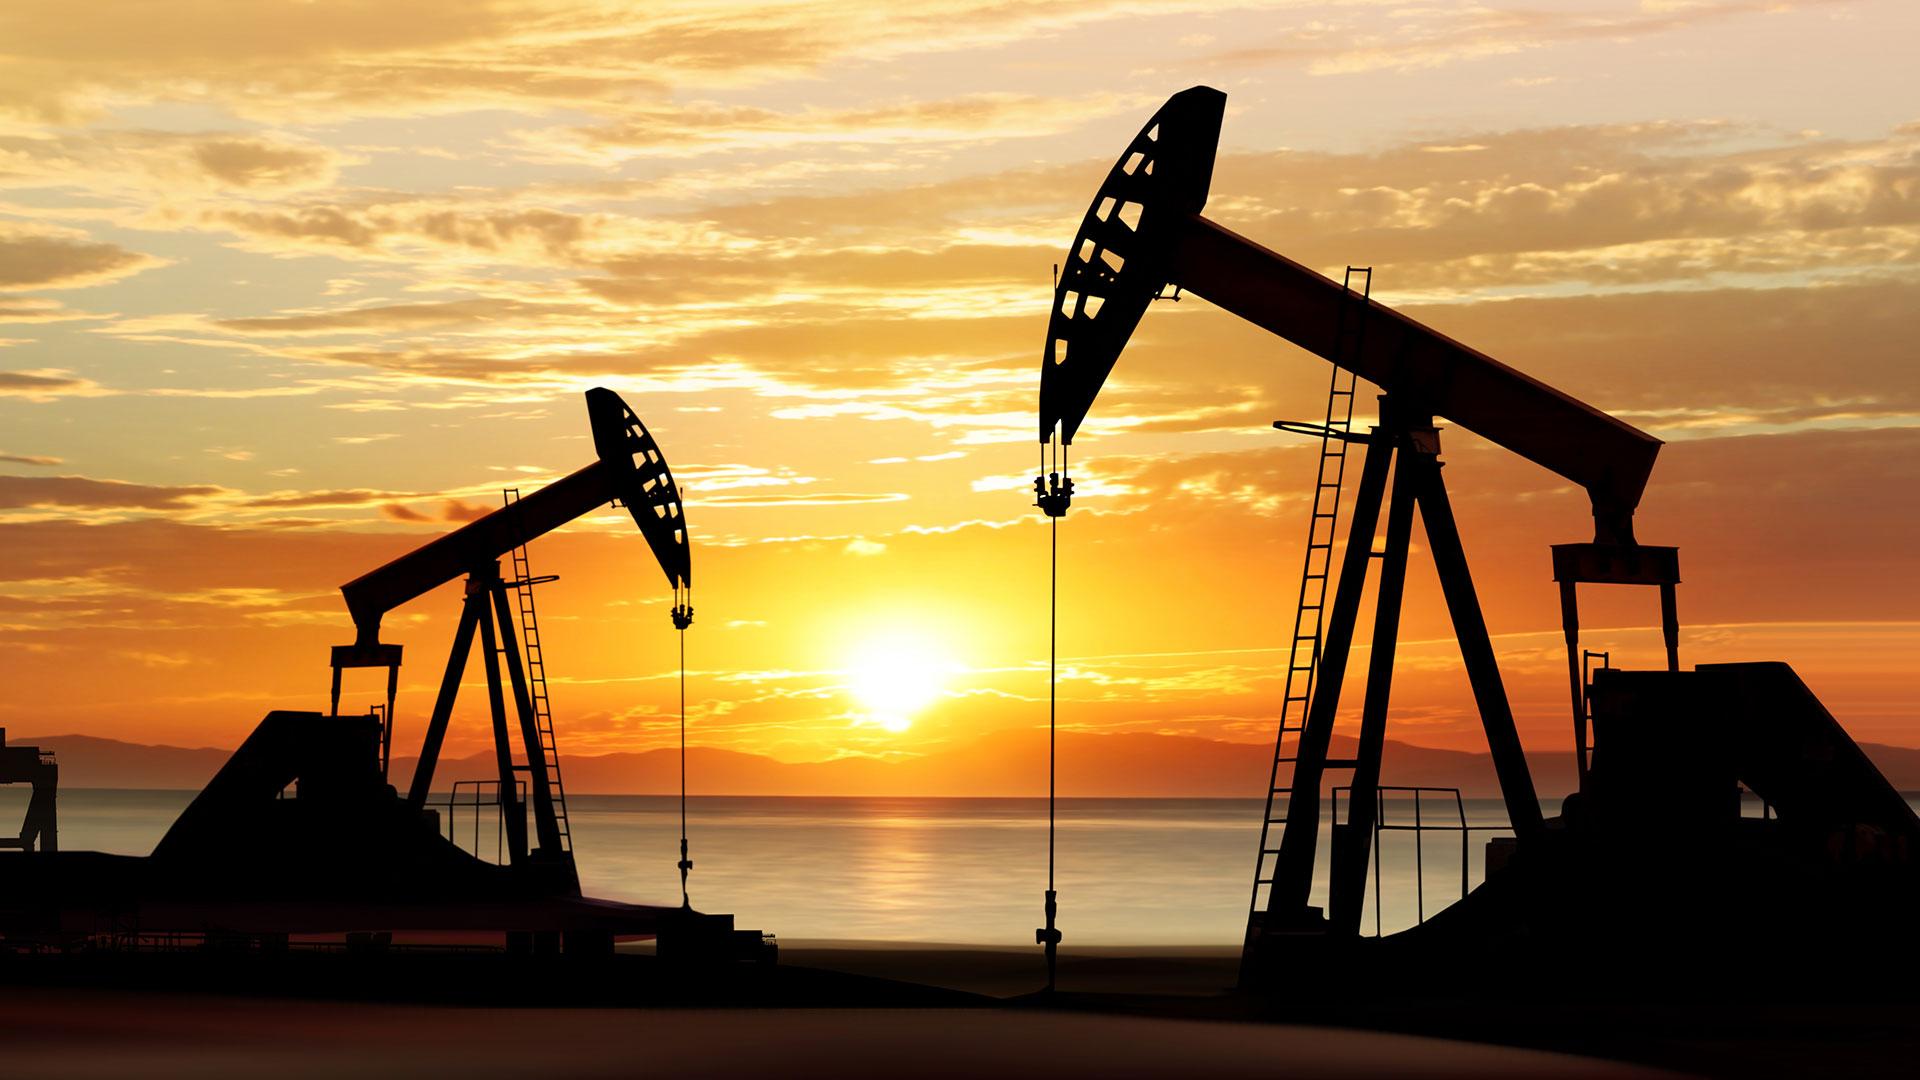 EEUU superará en 2018 la producción de petróleo de Arabia Saudita ...